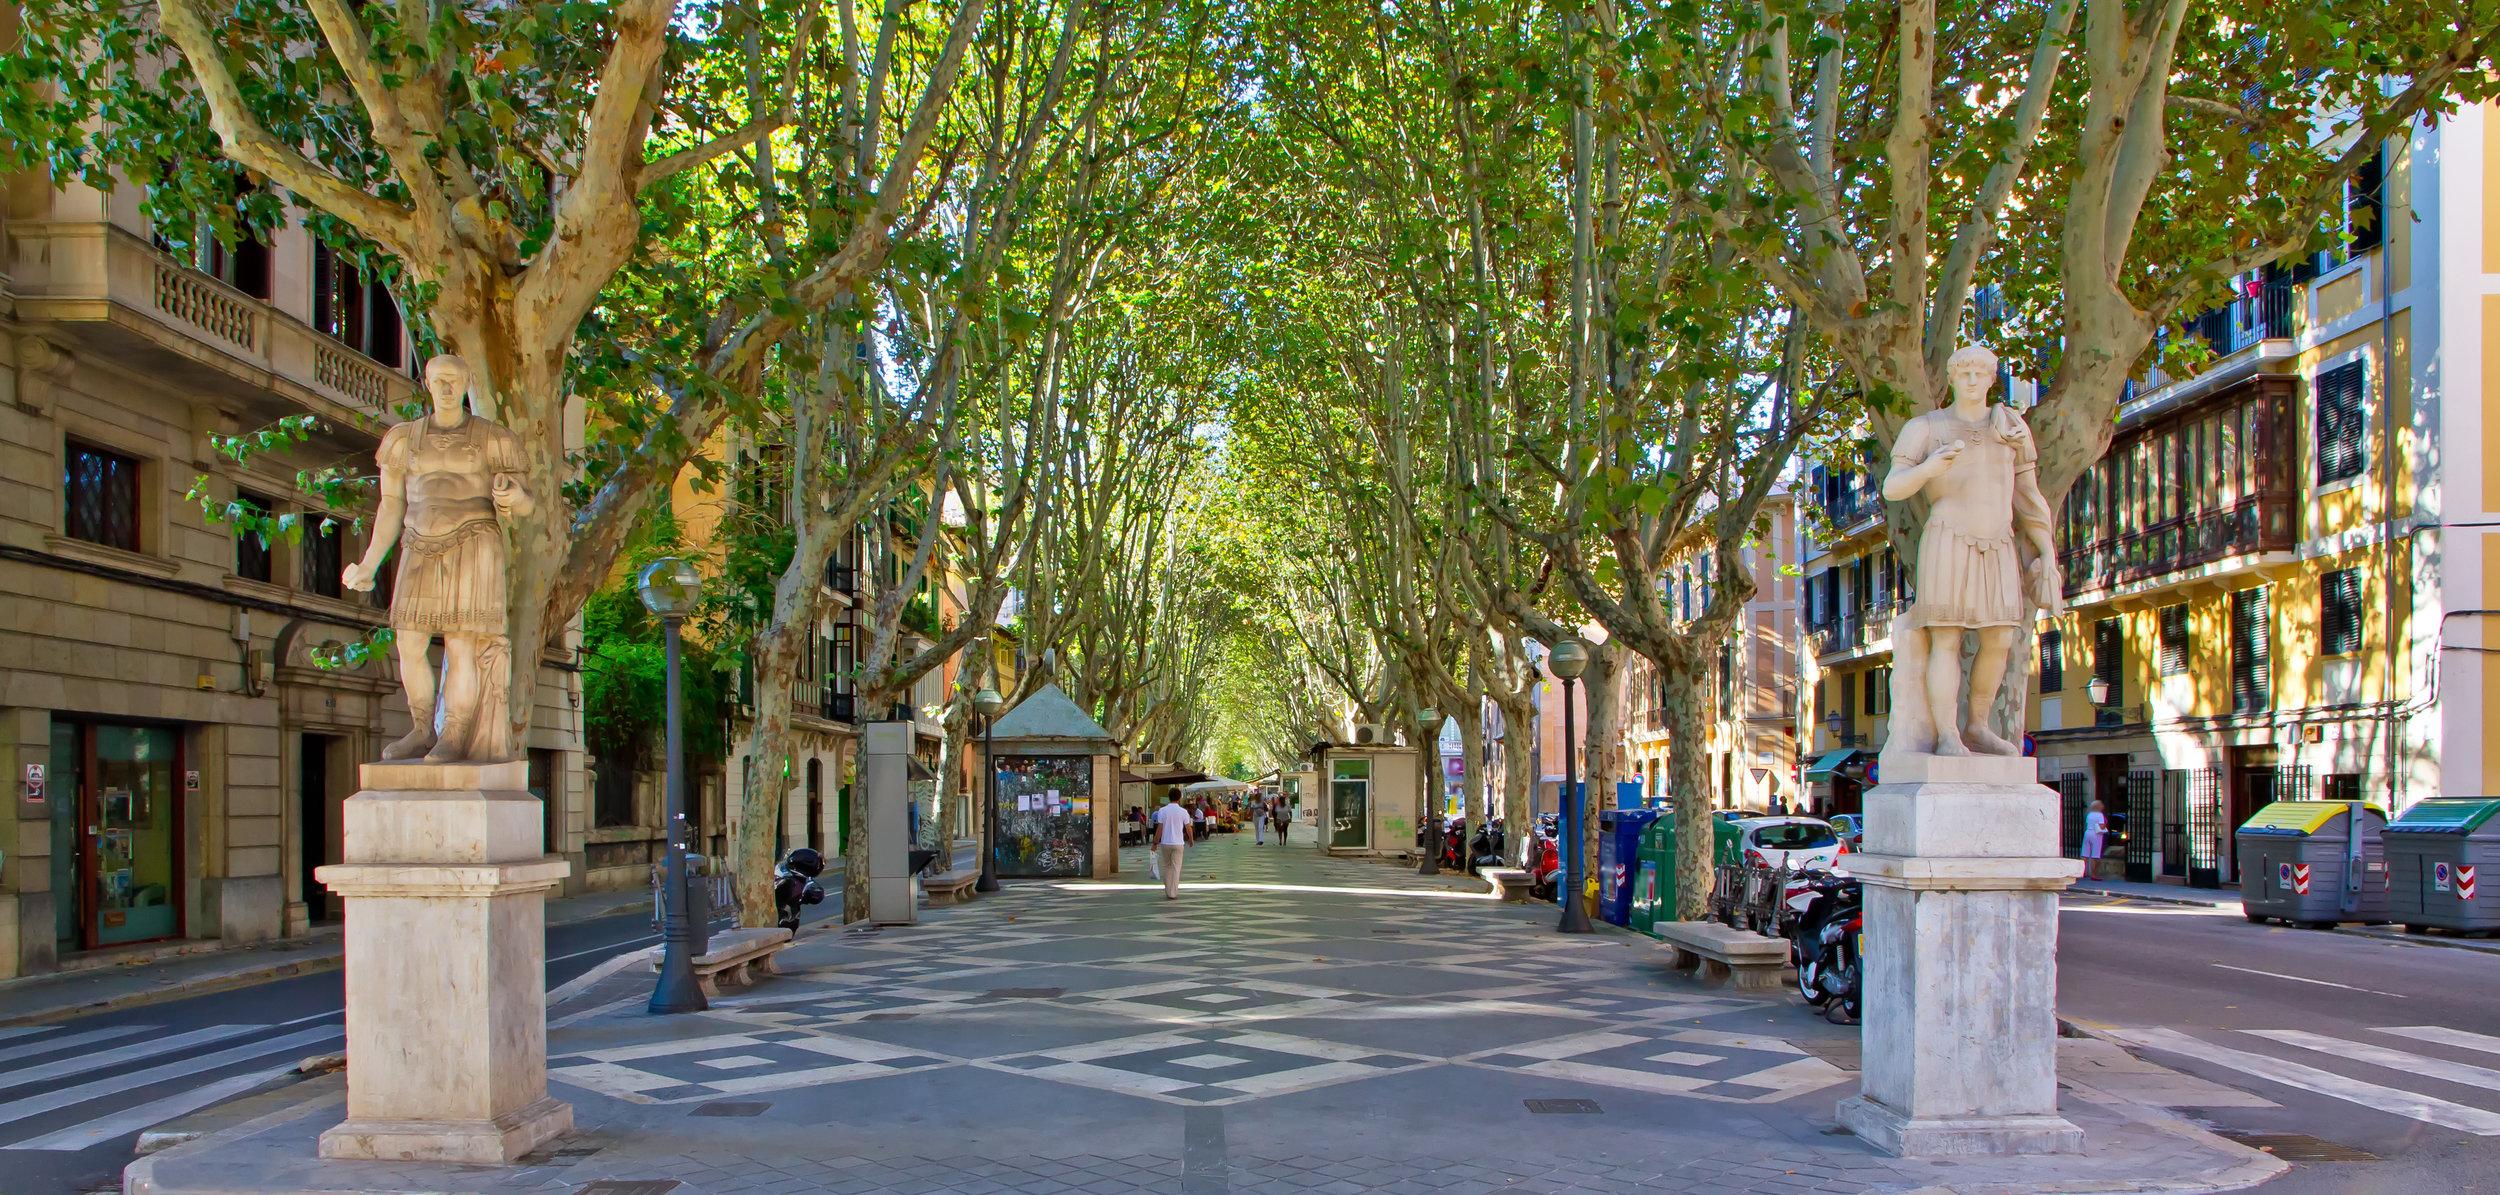 Passeig del Born in Palma